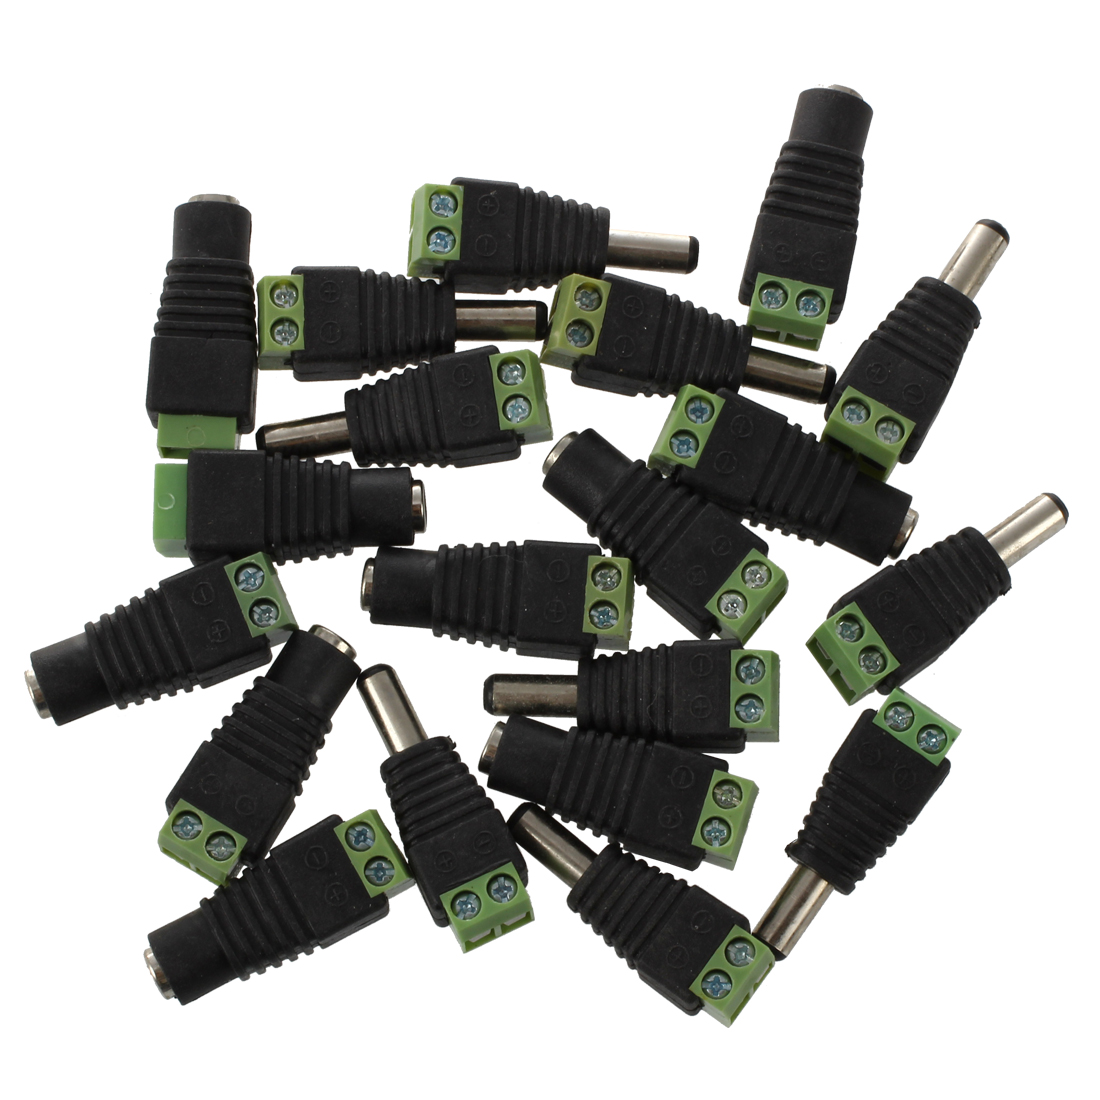 10 Paar DC Buchse DC Stecker Schraubstecker Schraubklemmen Adapter 2.1x5.5mm J5